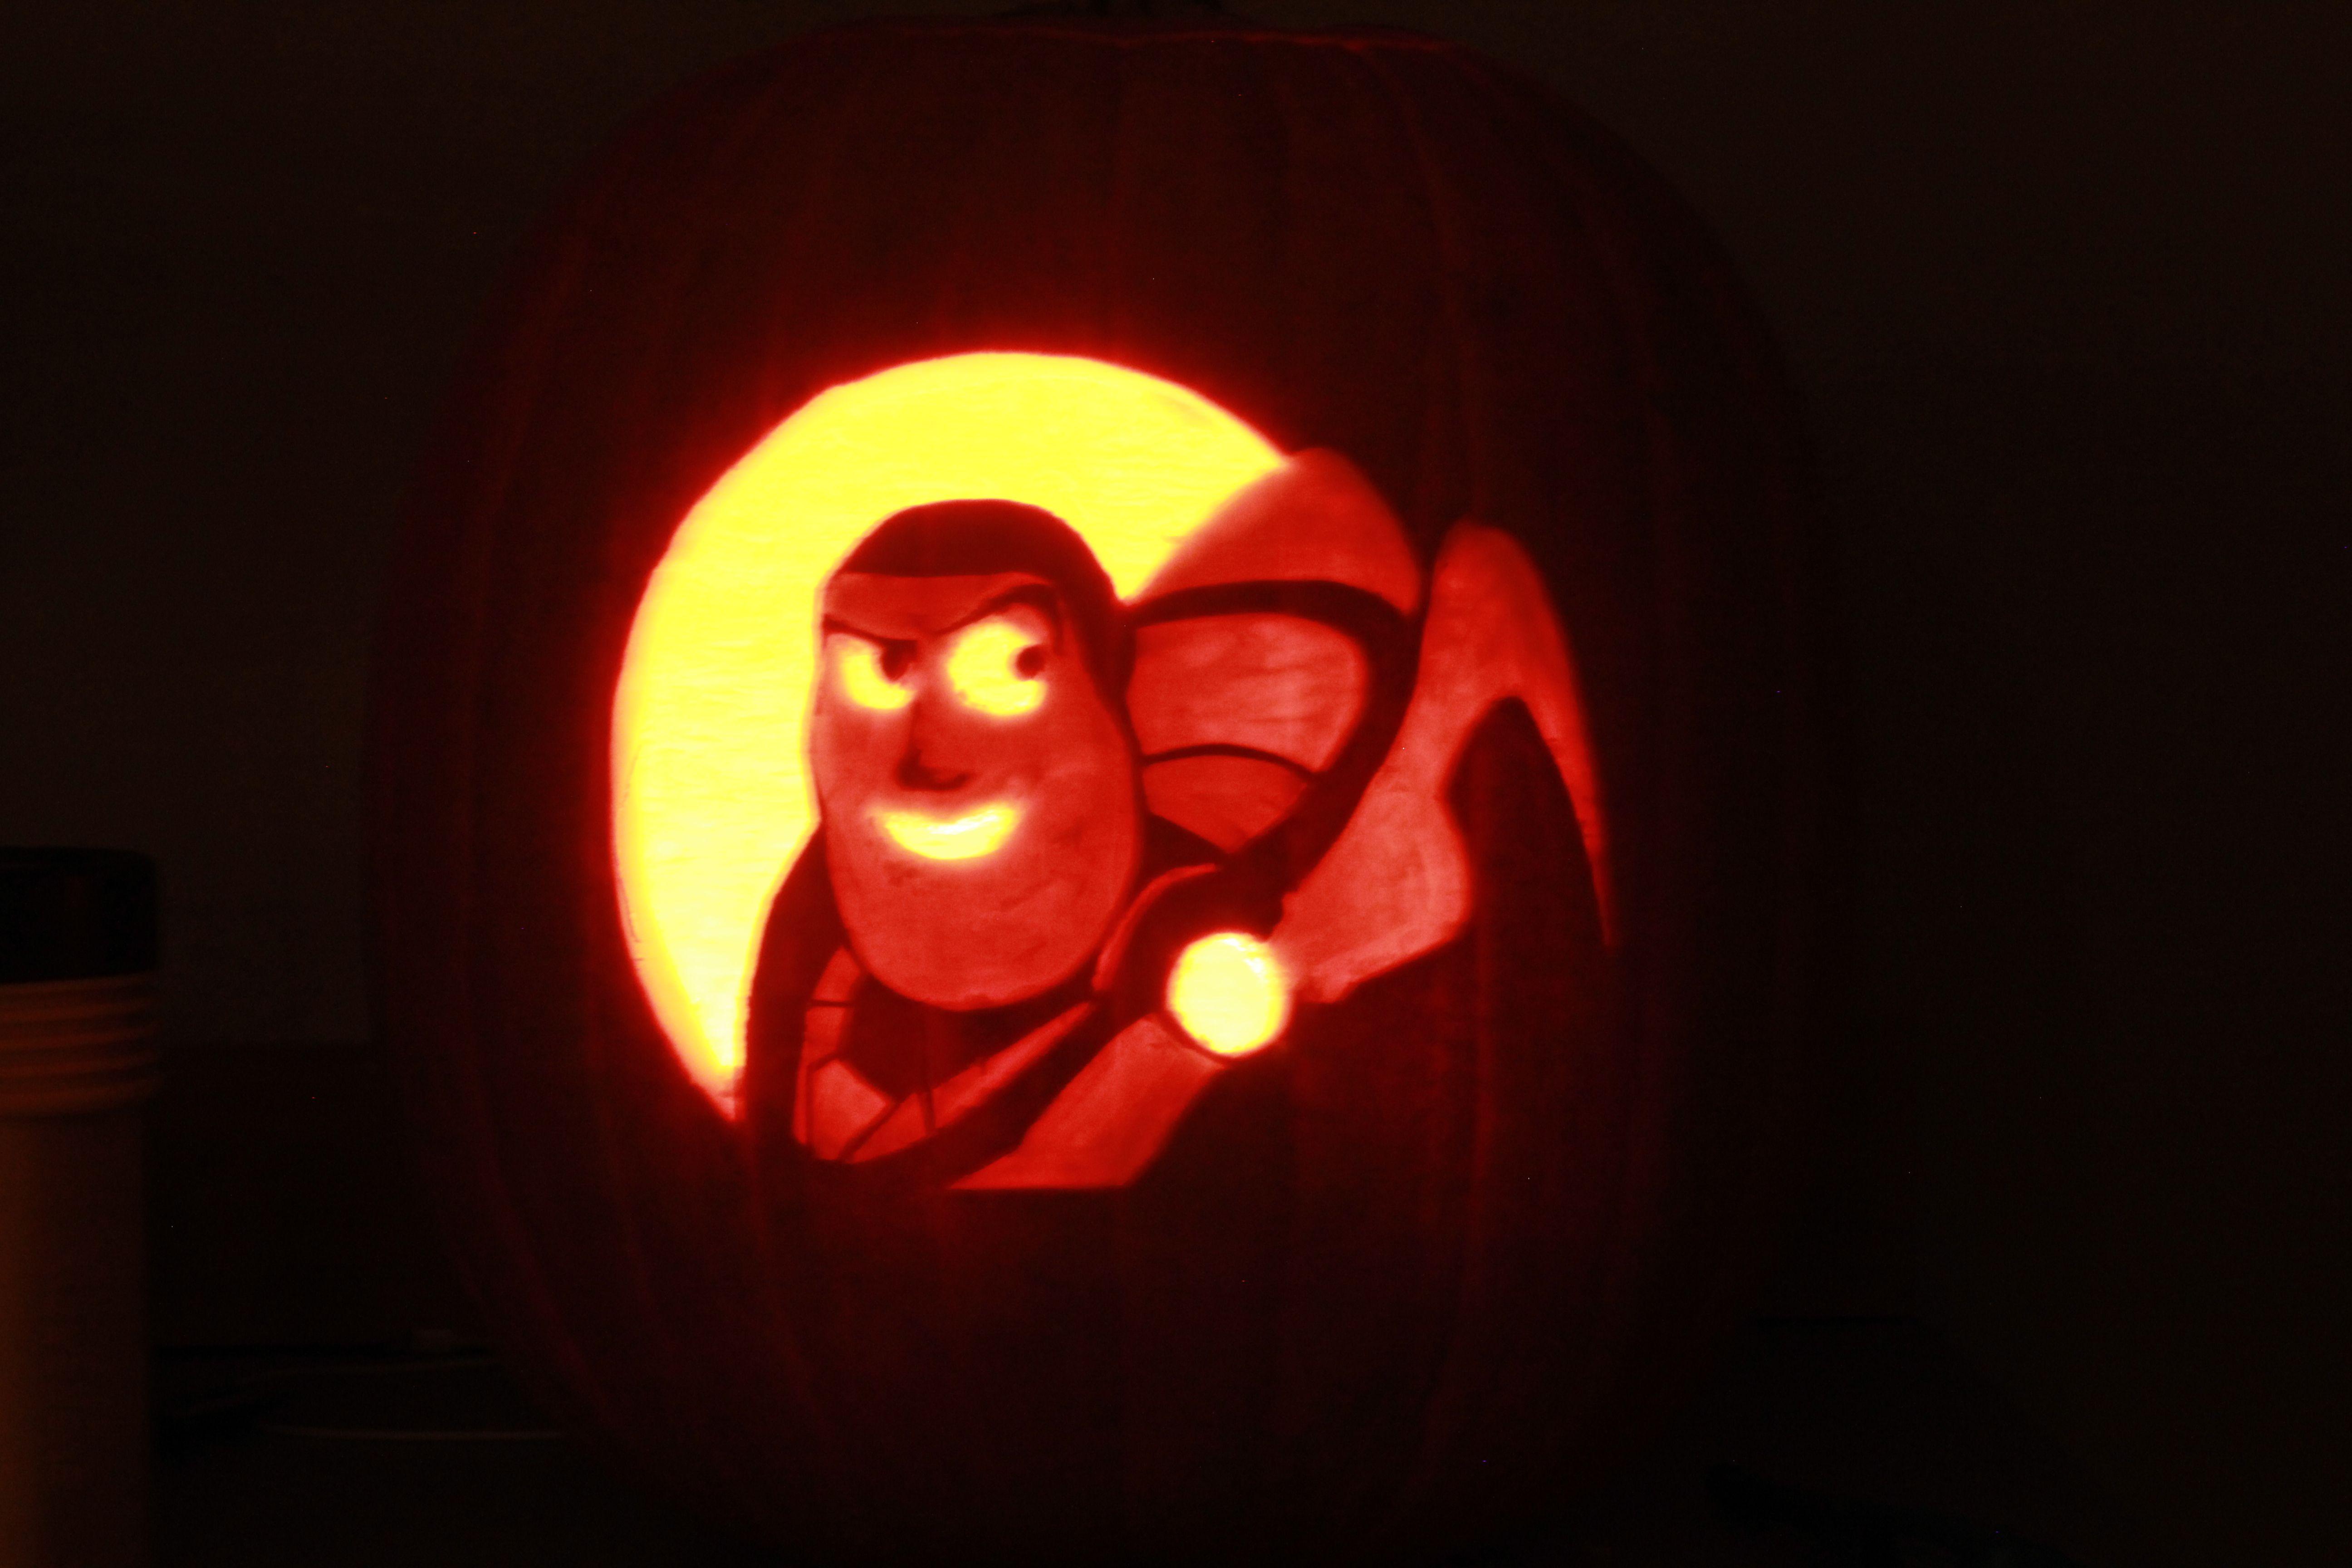 Buzz Lightyear Pumpkin From Toy Story Pumpkin Carving Pumpkin Halloween Pumpkins